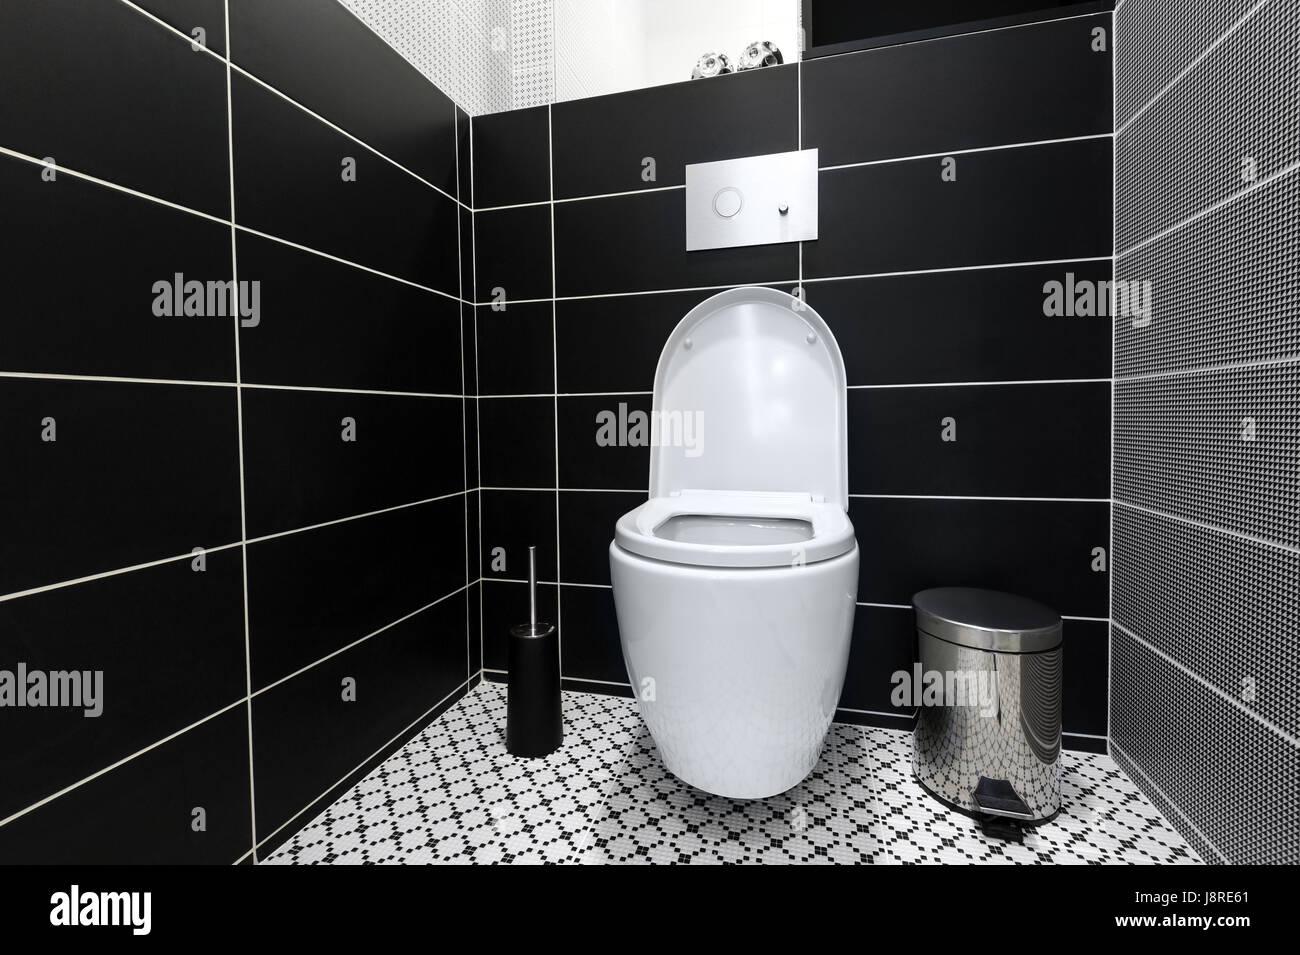 Moderne schwarze und weiße Toilette Stockfoto, Bild: 143116233 - Alamy